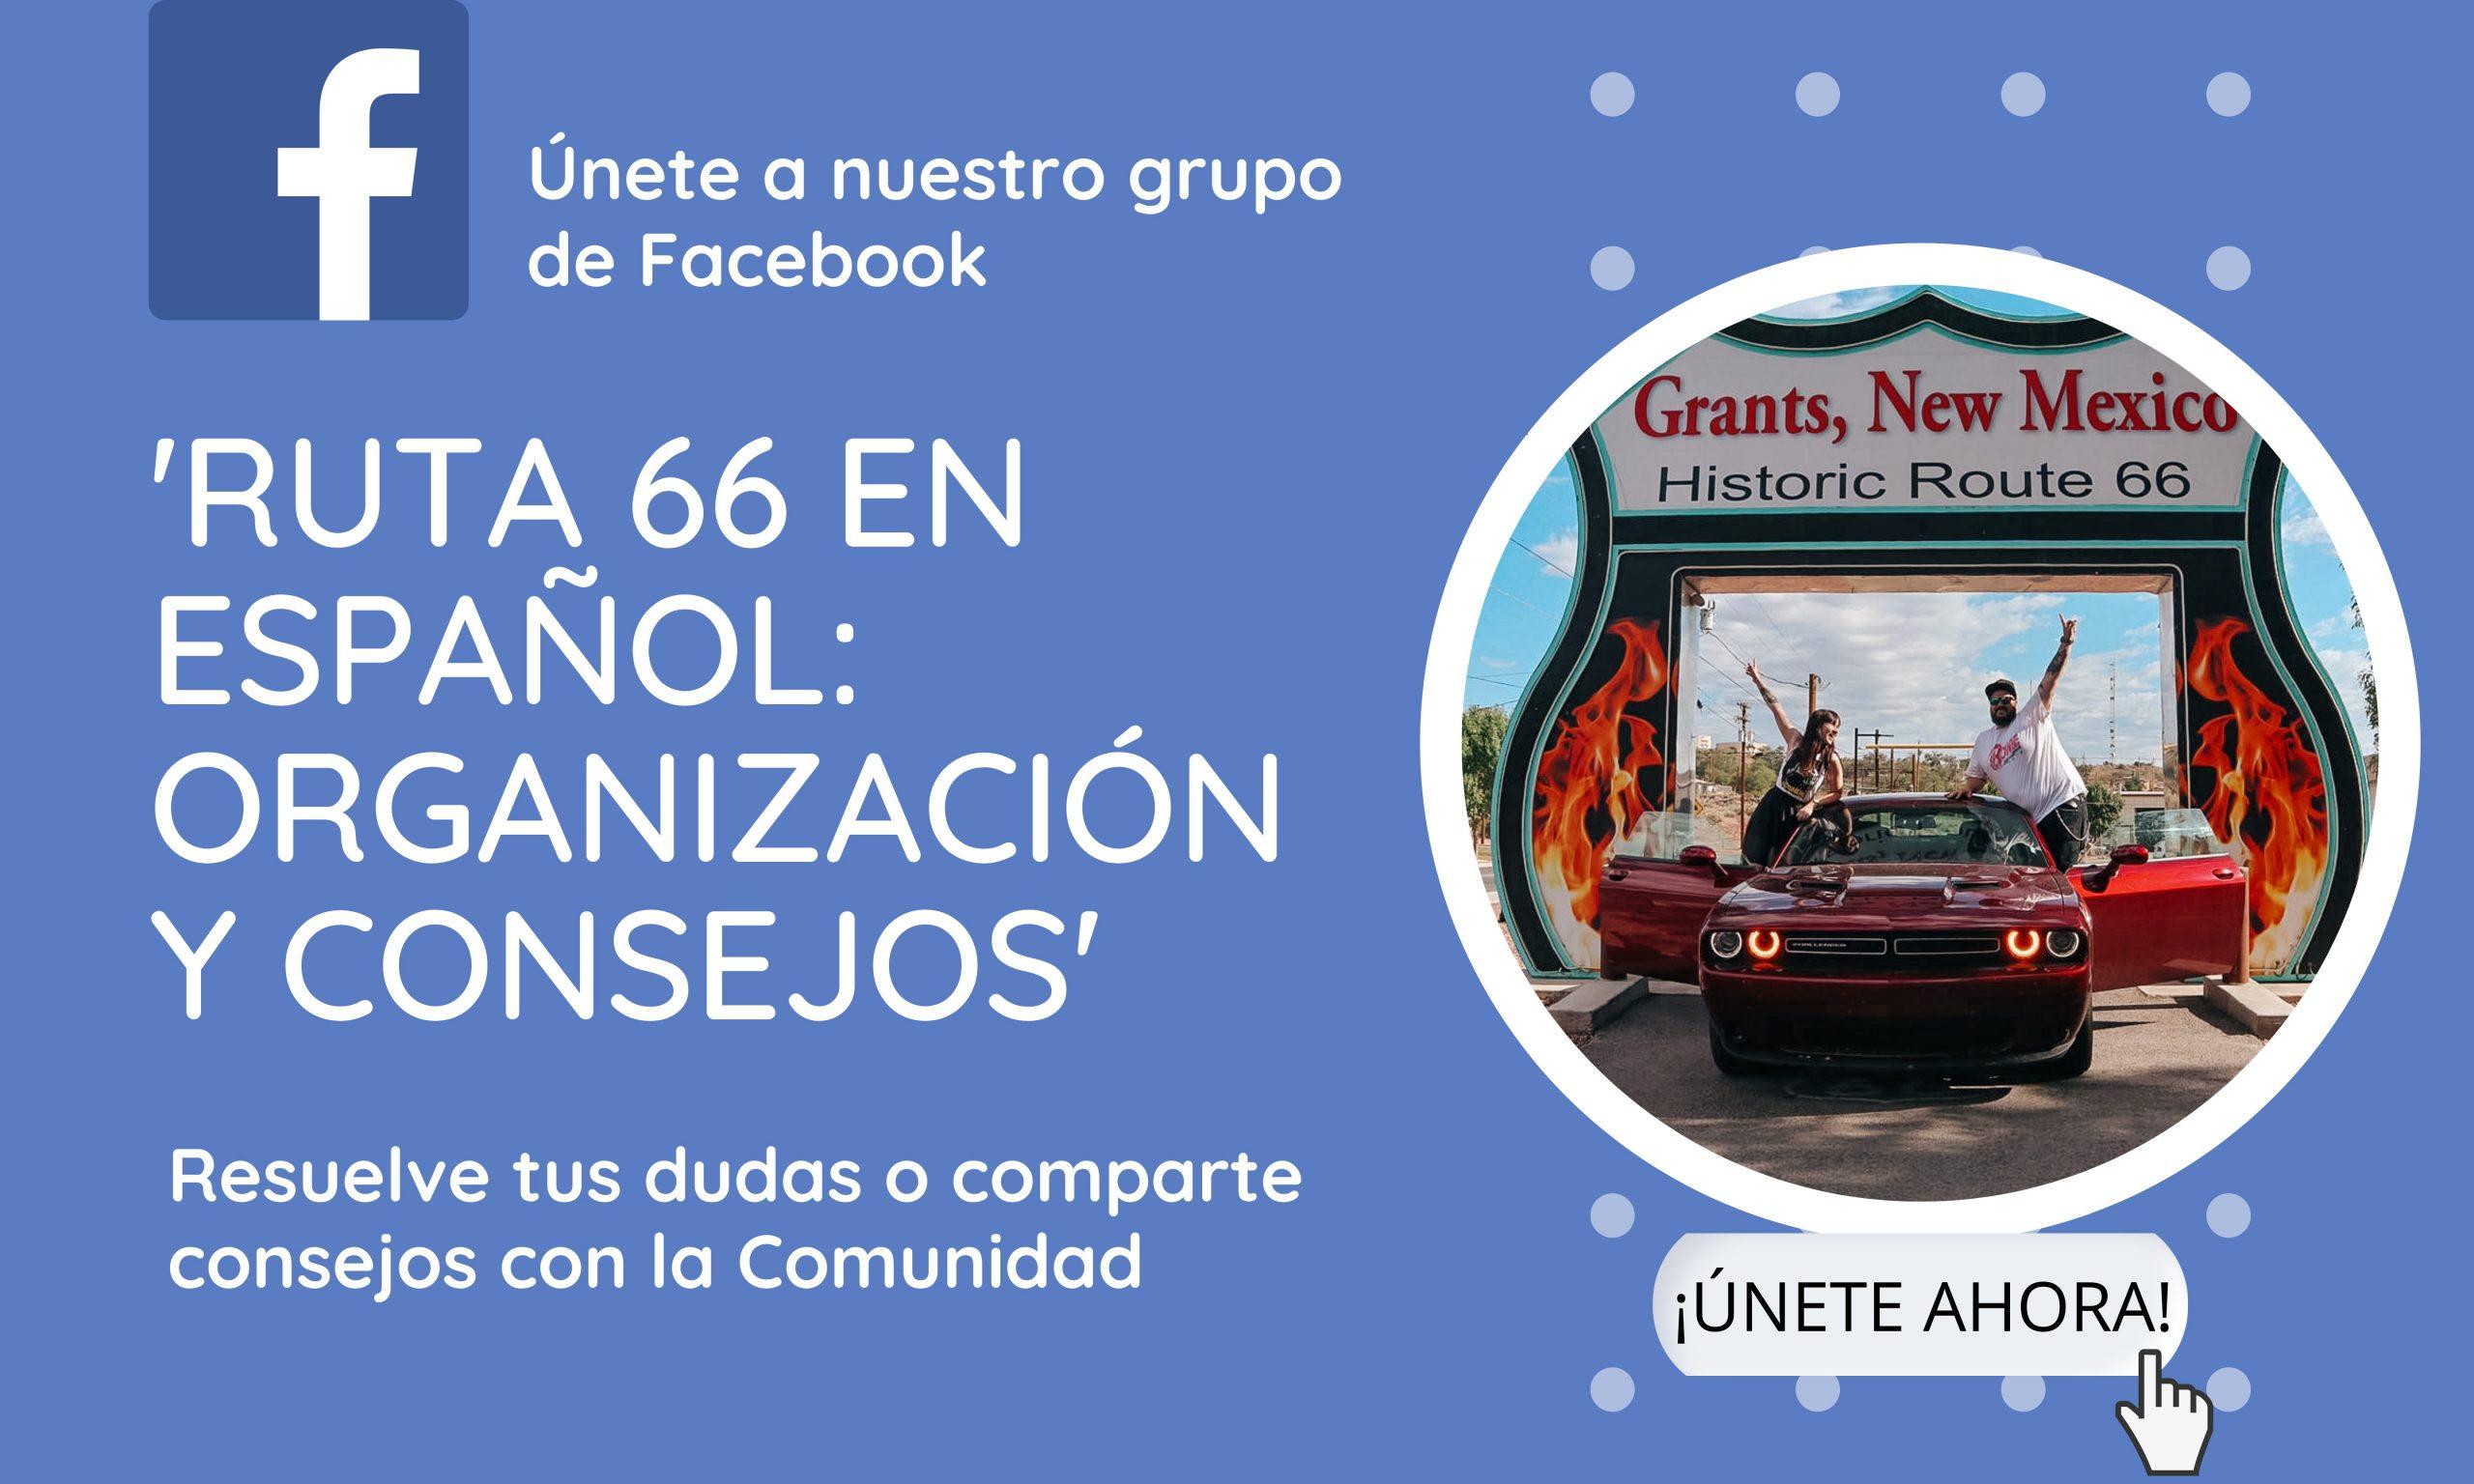 Ruta 66 en español: Organización y consejos